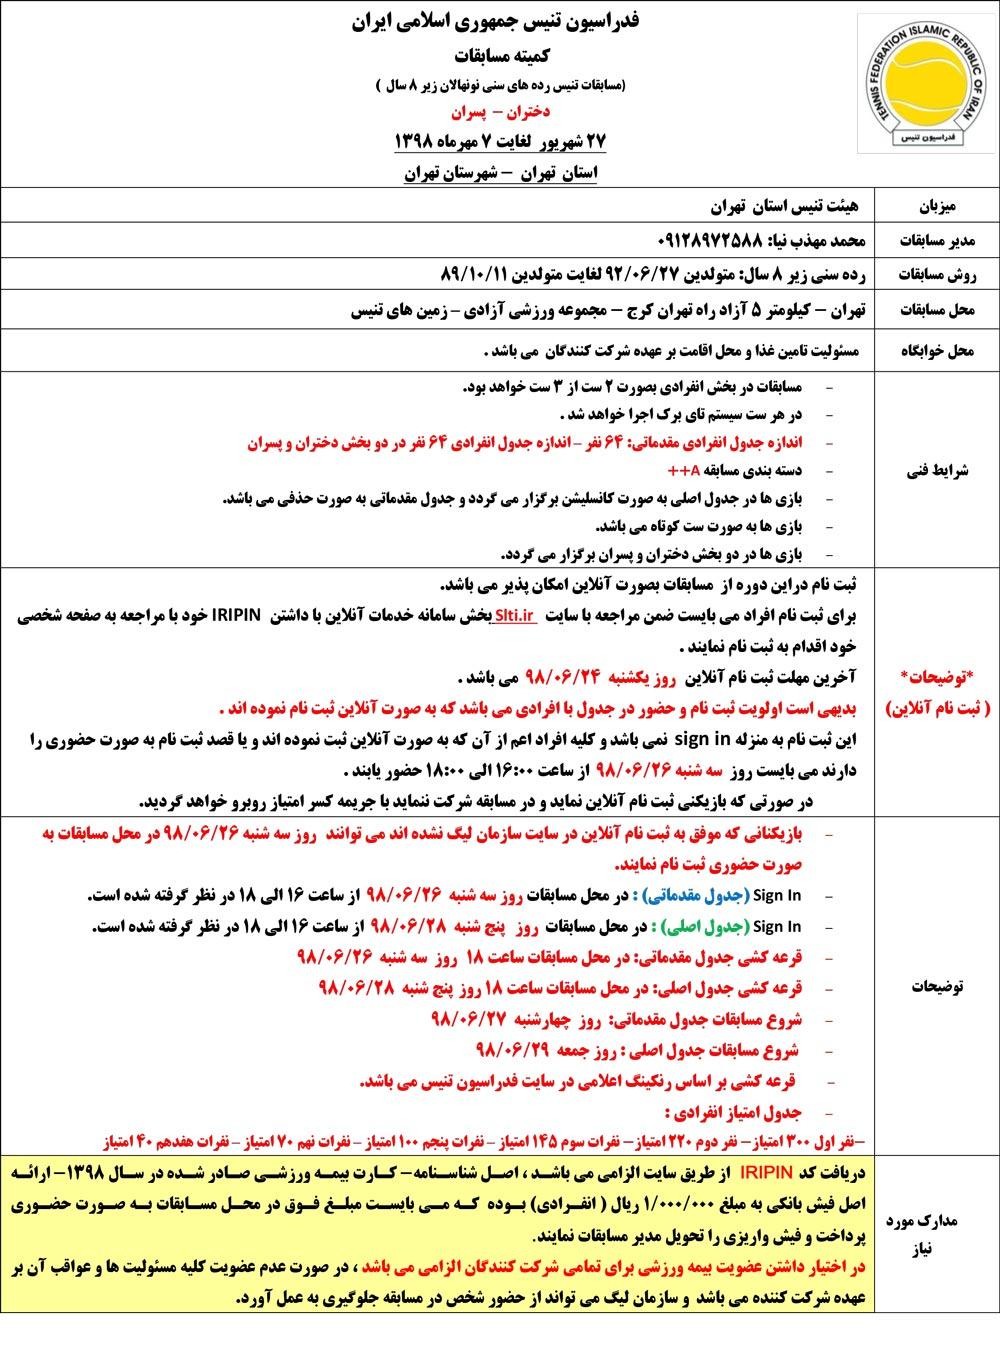 مسابقات تنیس رده های سنی تهران